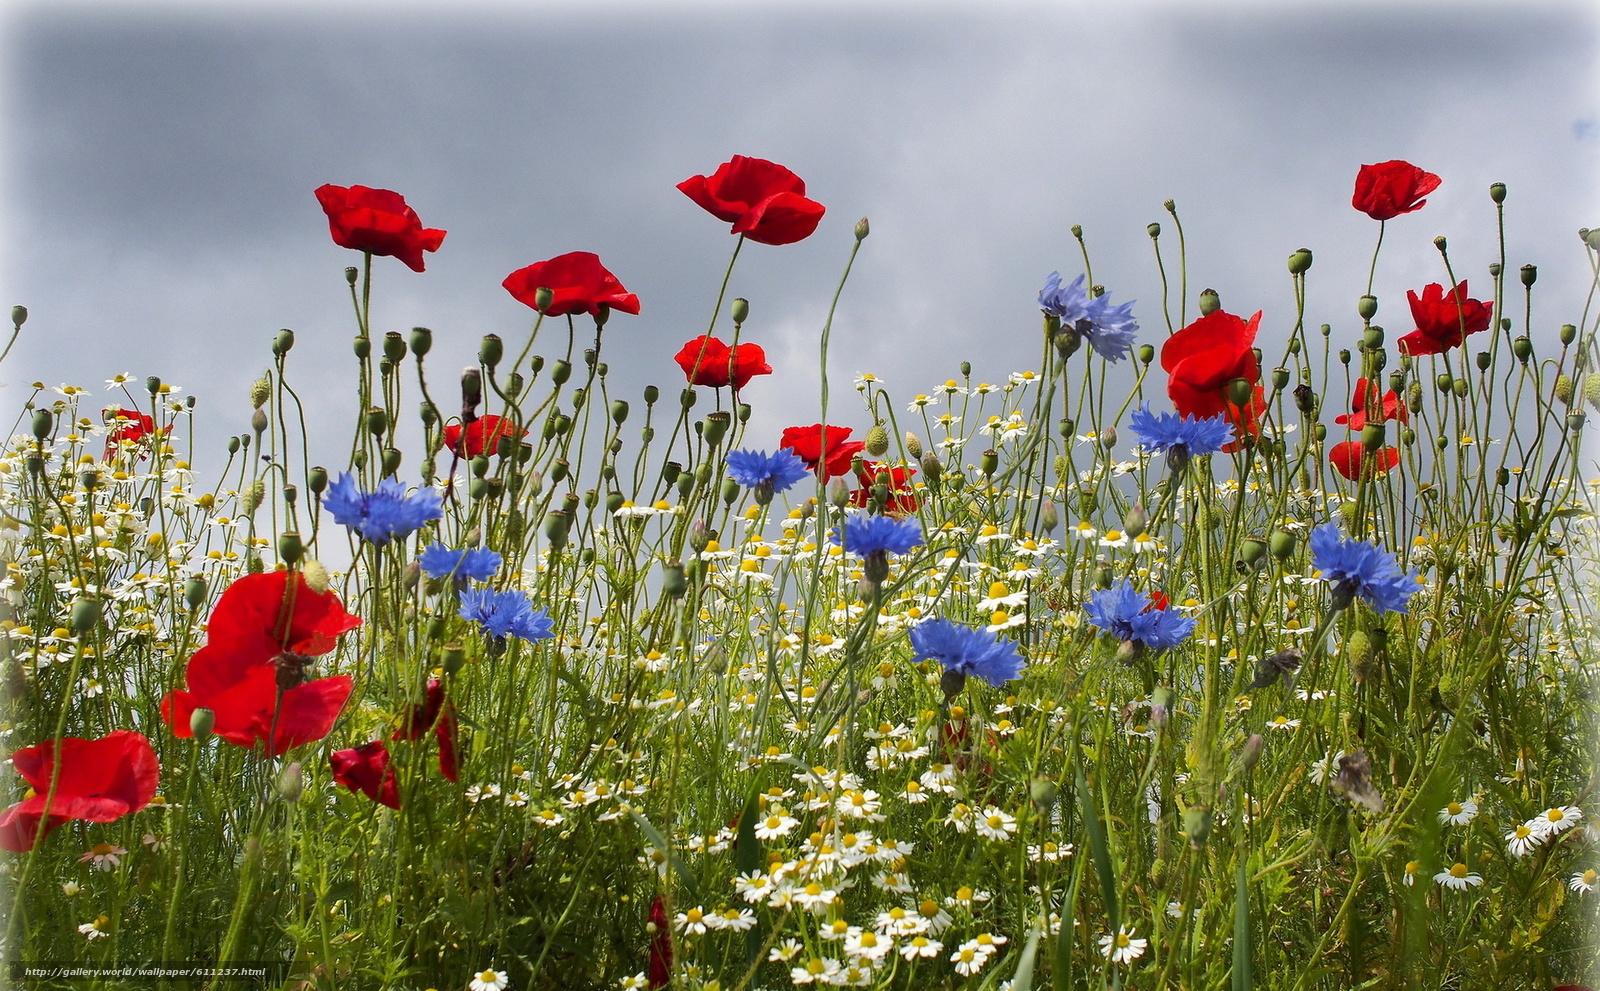 Скачать обои поле,  цветы,  ромашки,  васильки бесплатно для рабочего стола в разрешении 1920x1189 — картинка №611237